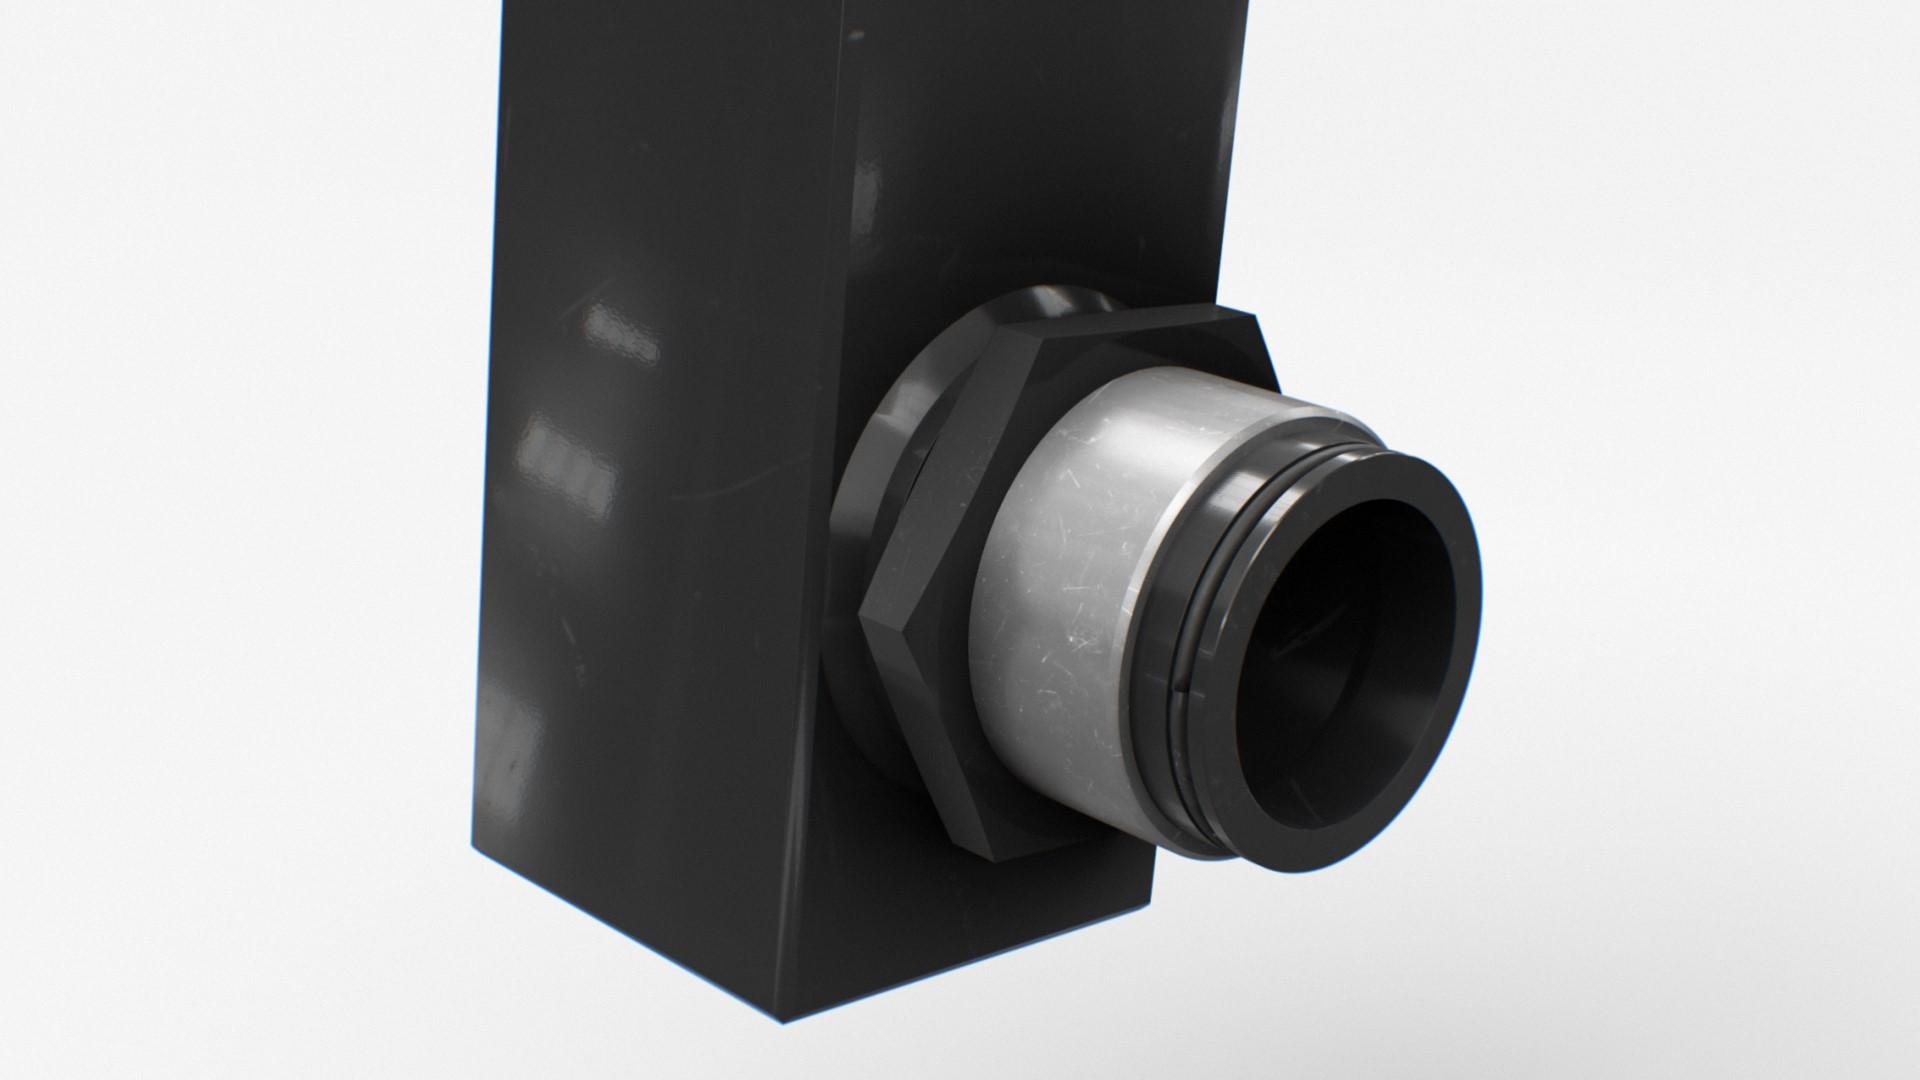 Rupture valve 2.0